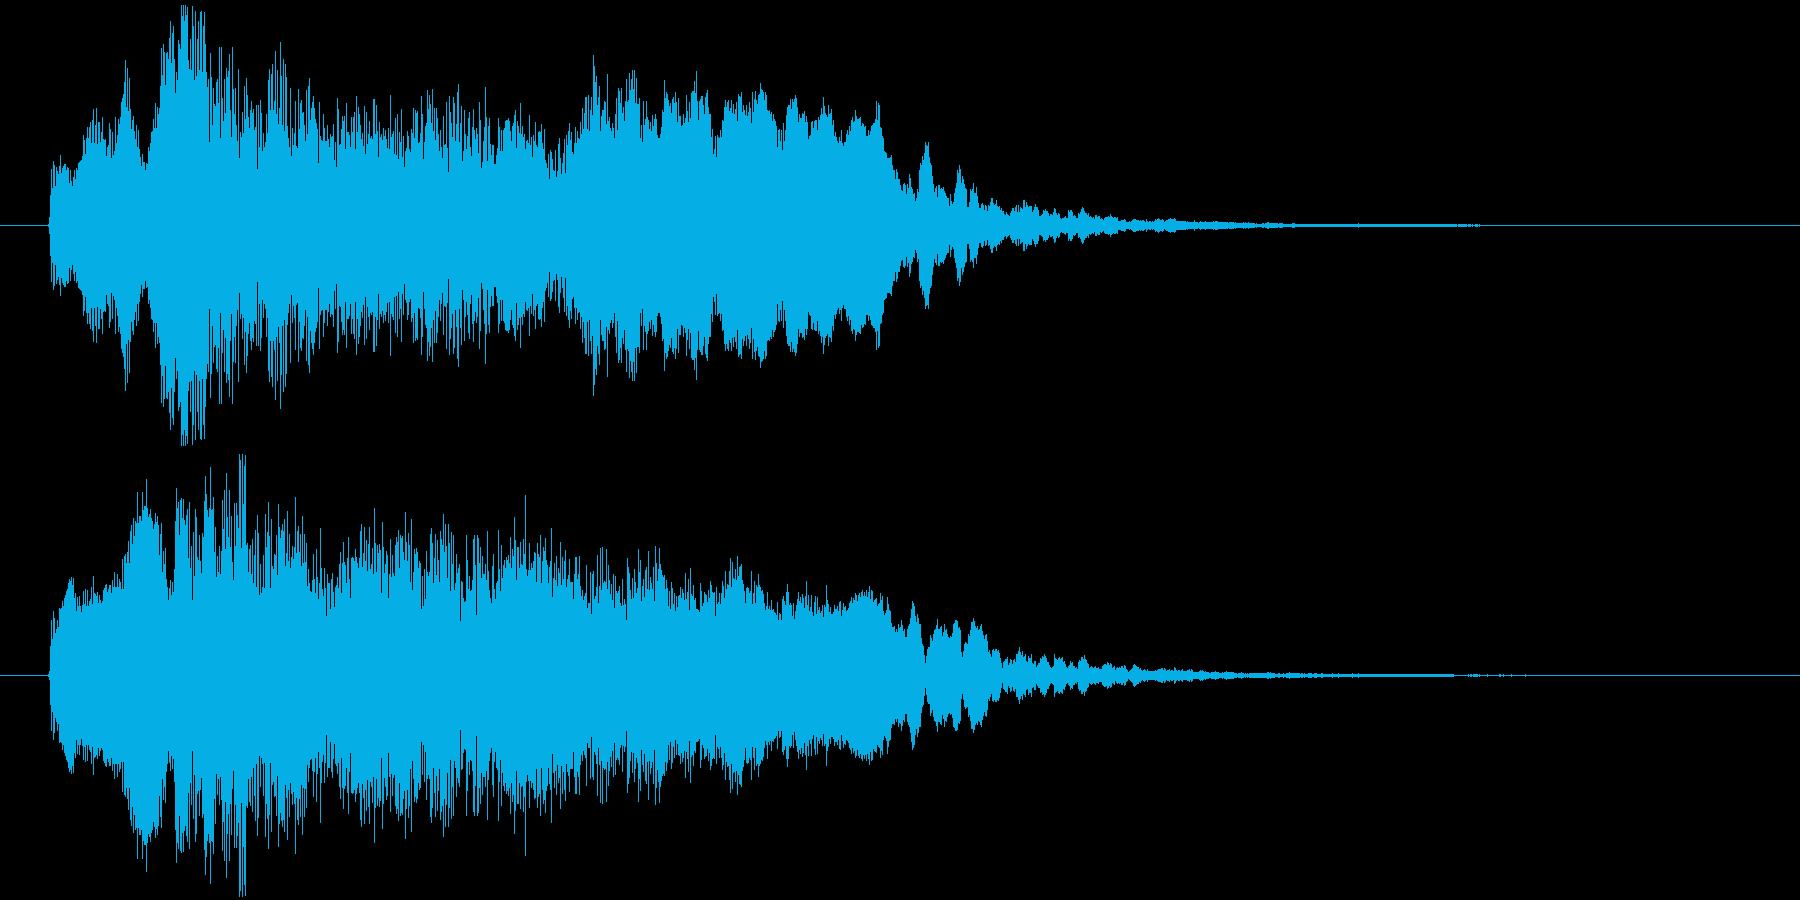 アイリッシュ・ケルト風のジングル。の再生済みの波形